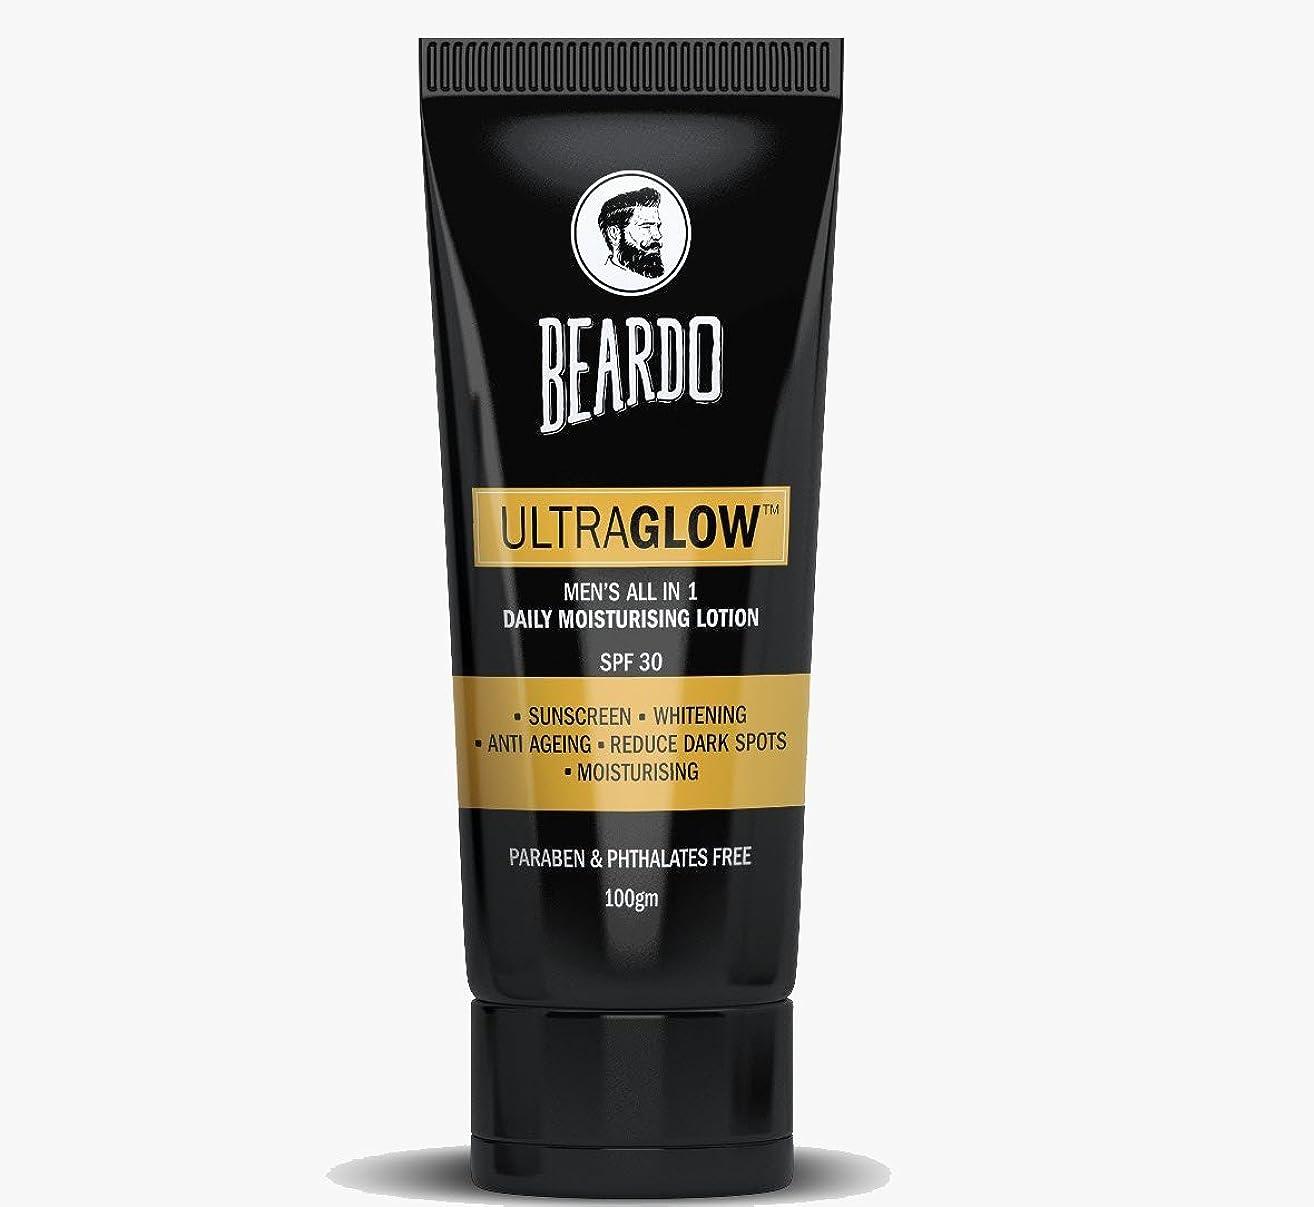 のため乏しい熱狂的なBEARDO Ultraglow Face Lotion for Men, 100g